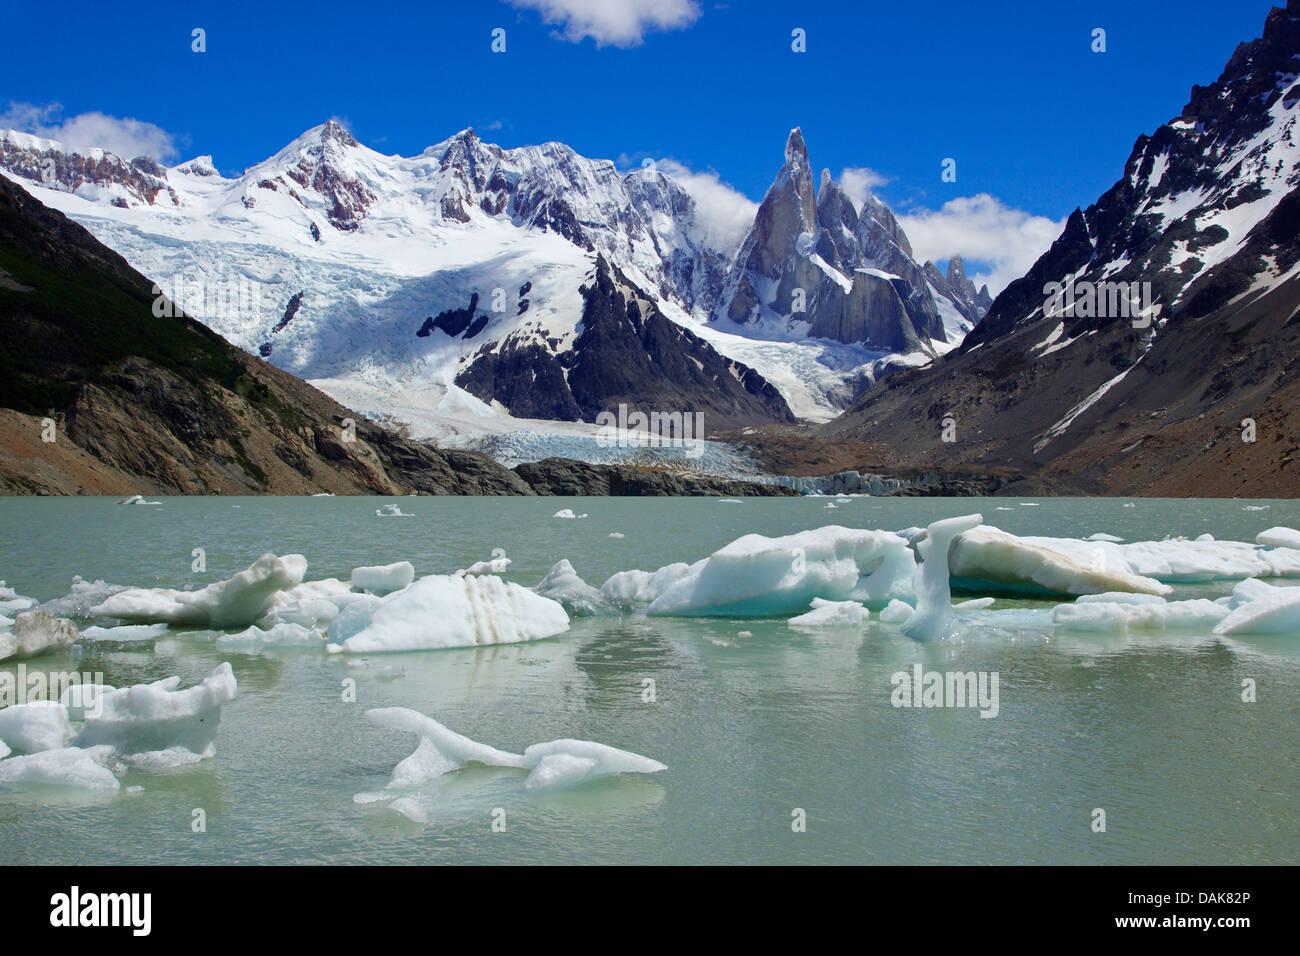 Cerro Torre y Laguna Torre con pequeños icebergs flotantes; también Cerro Grande, Cerro Doblado, Cerro Adela, Chile, Patagonia, Parque Nacional Los Glaciares, El Chalten Foto de stock